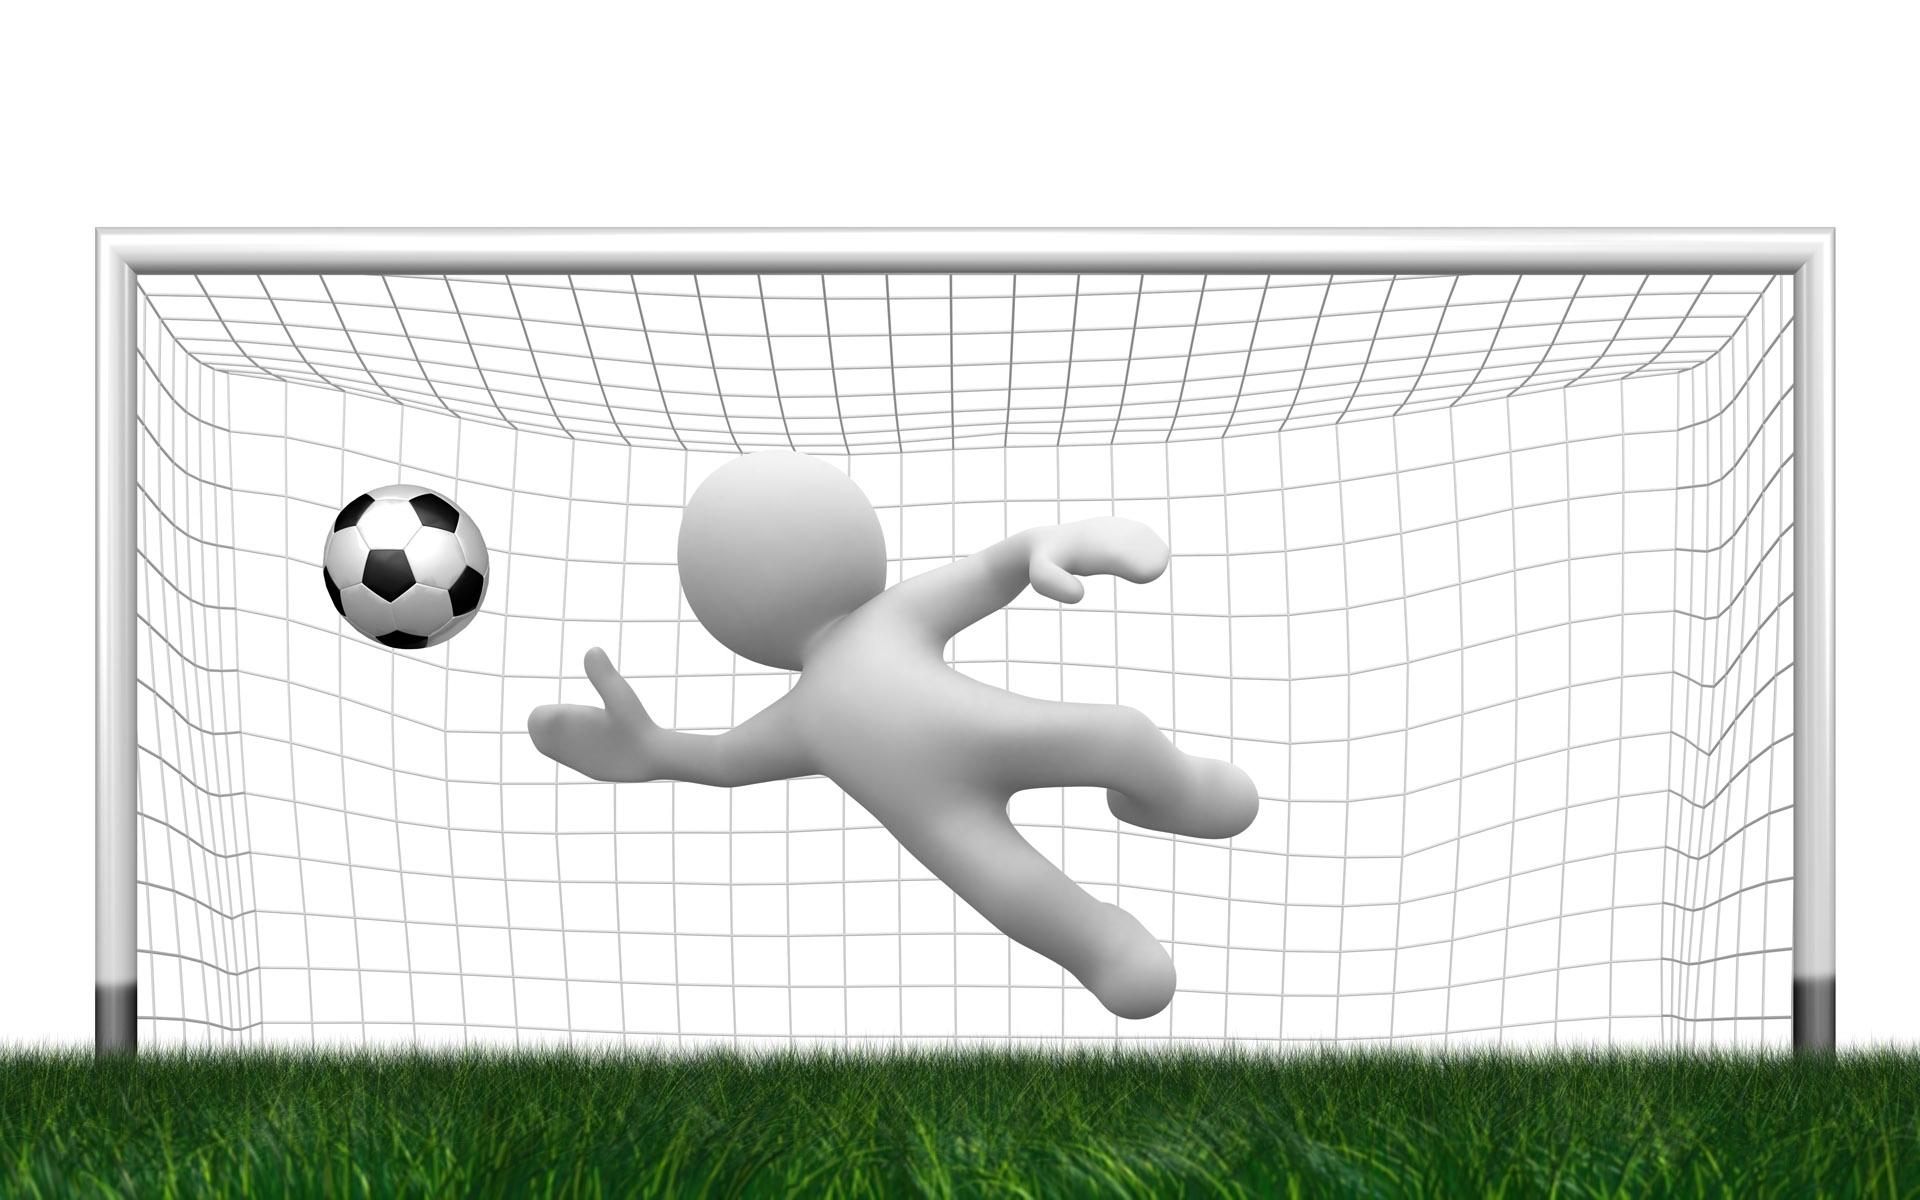 Soccer Goal Clipart & Soccer Goal Clip Art Images.